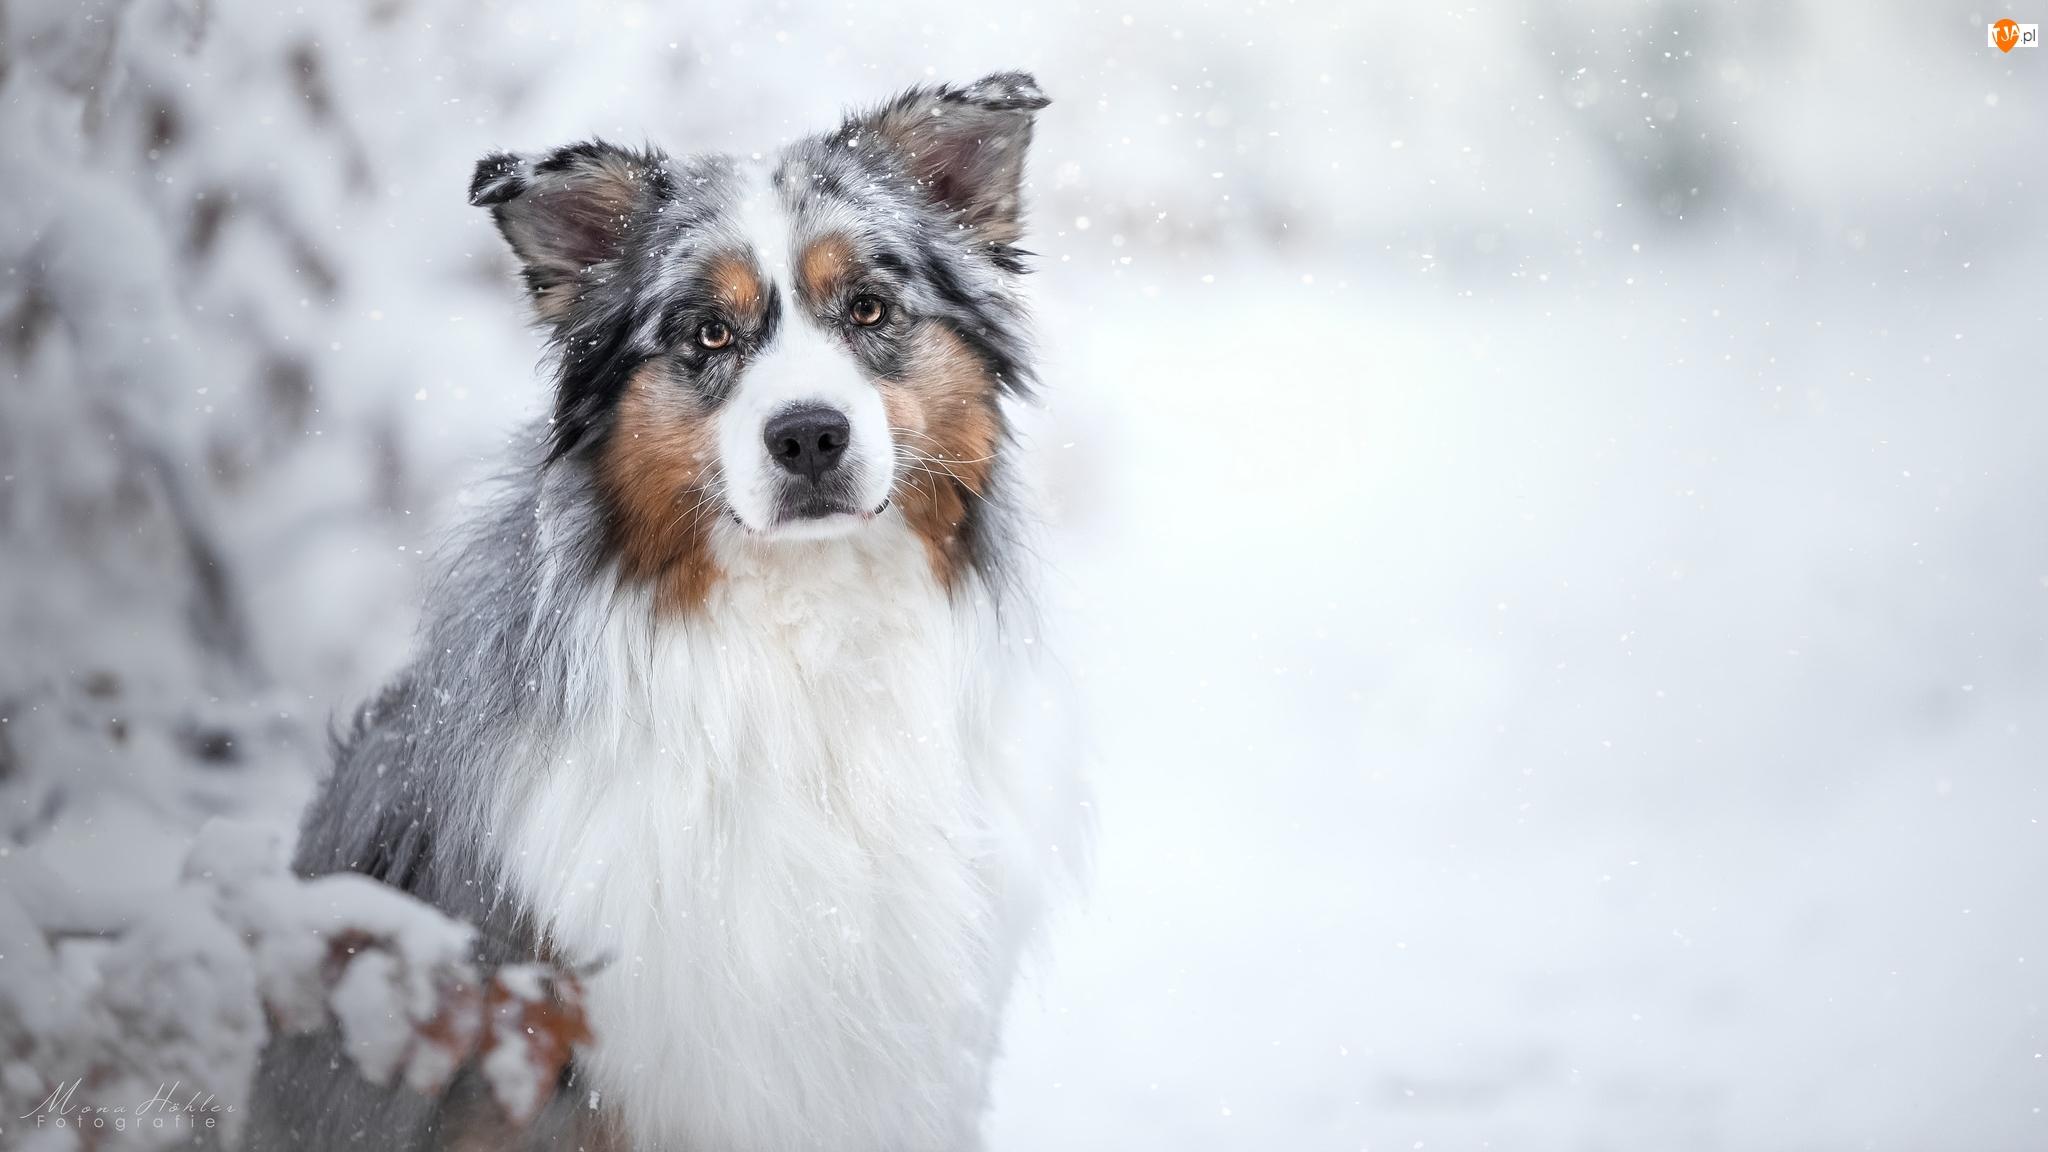 Śnieg, Pies, Owczarek australijski